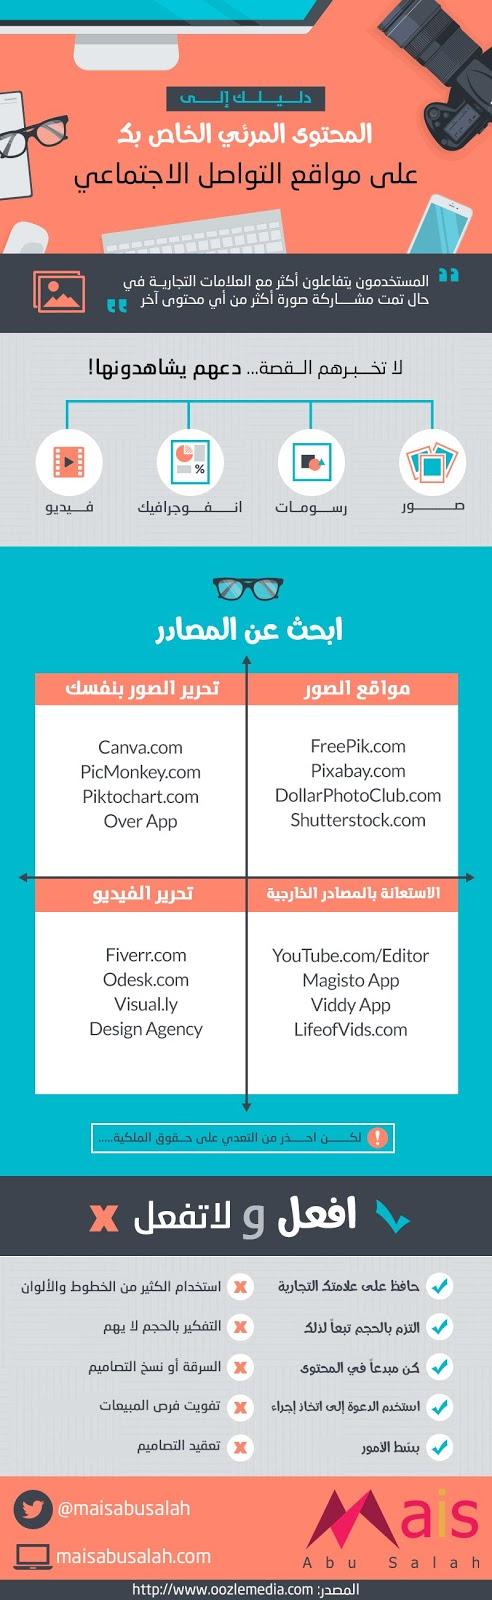 دليلك إلى المحتوى المرئي الخاص بك على مواقع التواصل الاجتماعي #انفوجرافيك